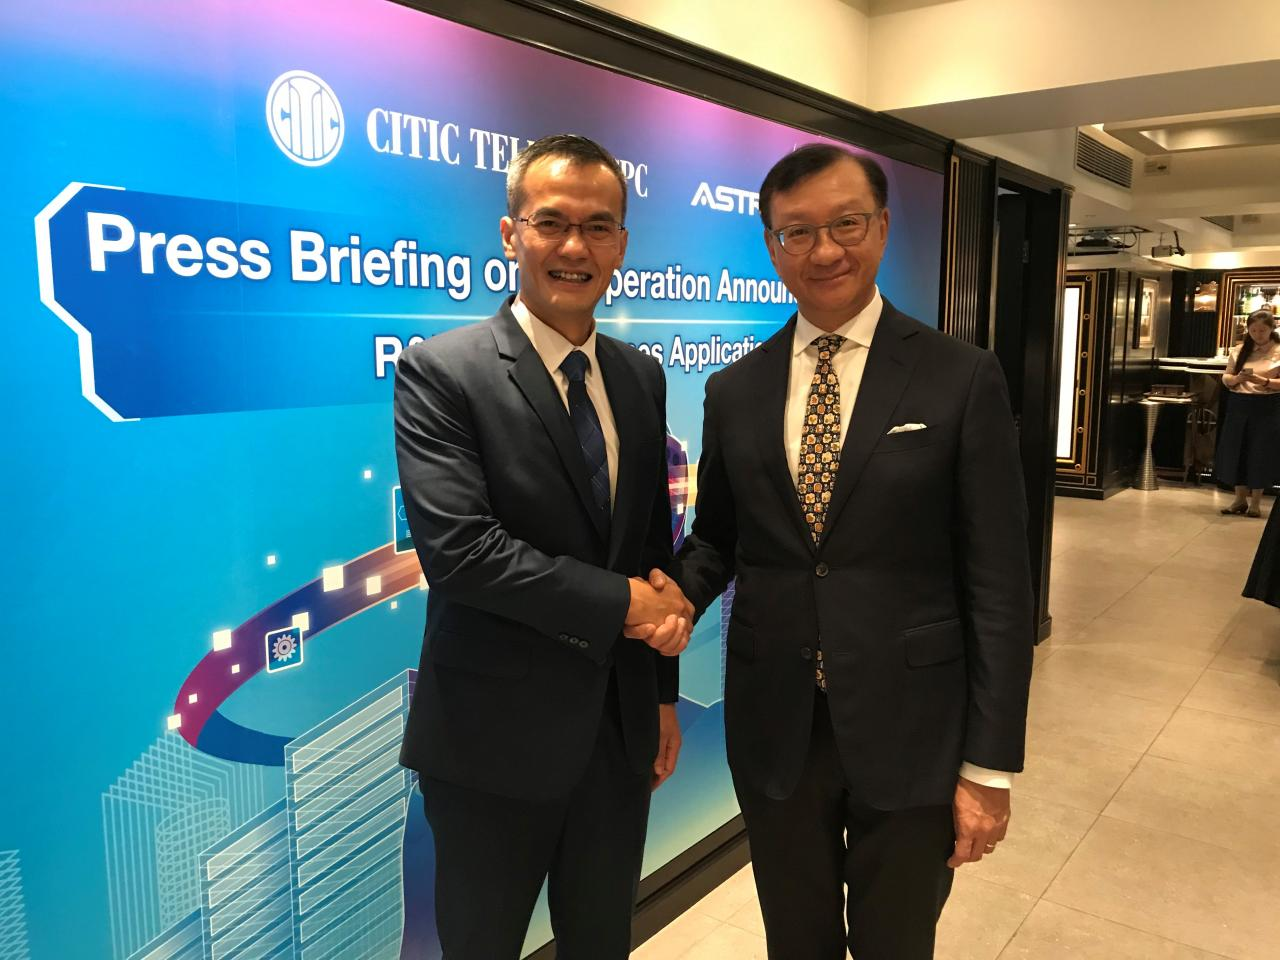 中信國際電訊CPC行政總裁何偉中(右)與應科院行政總裁周憲本